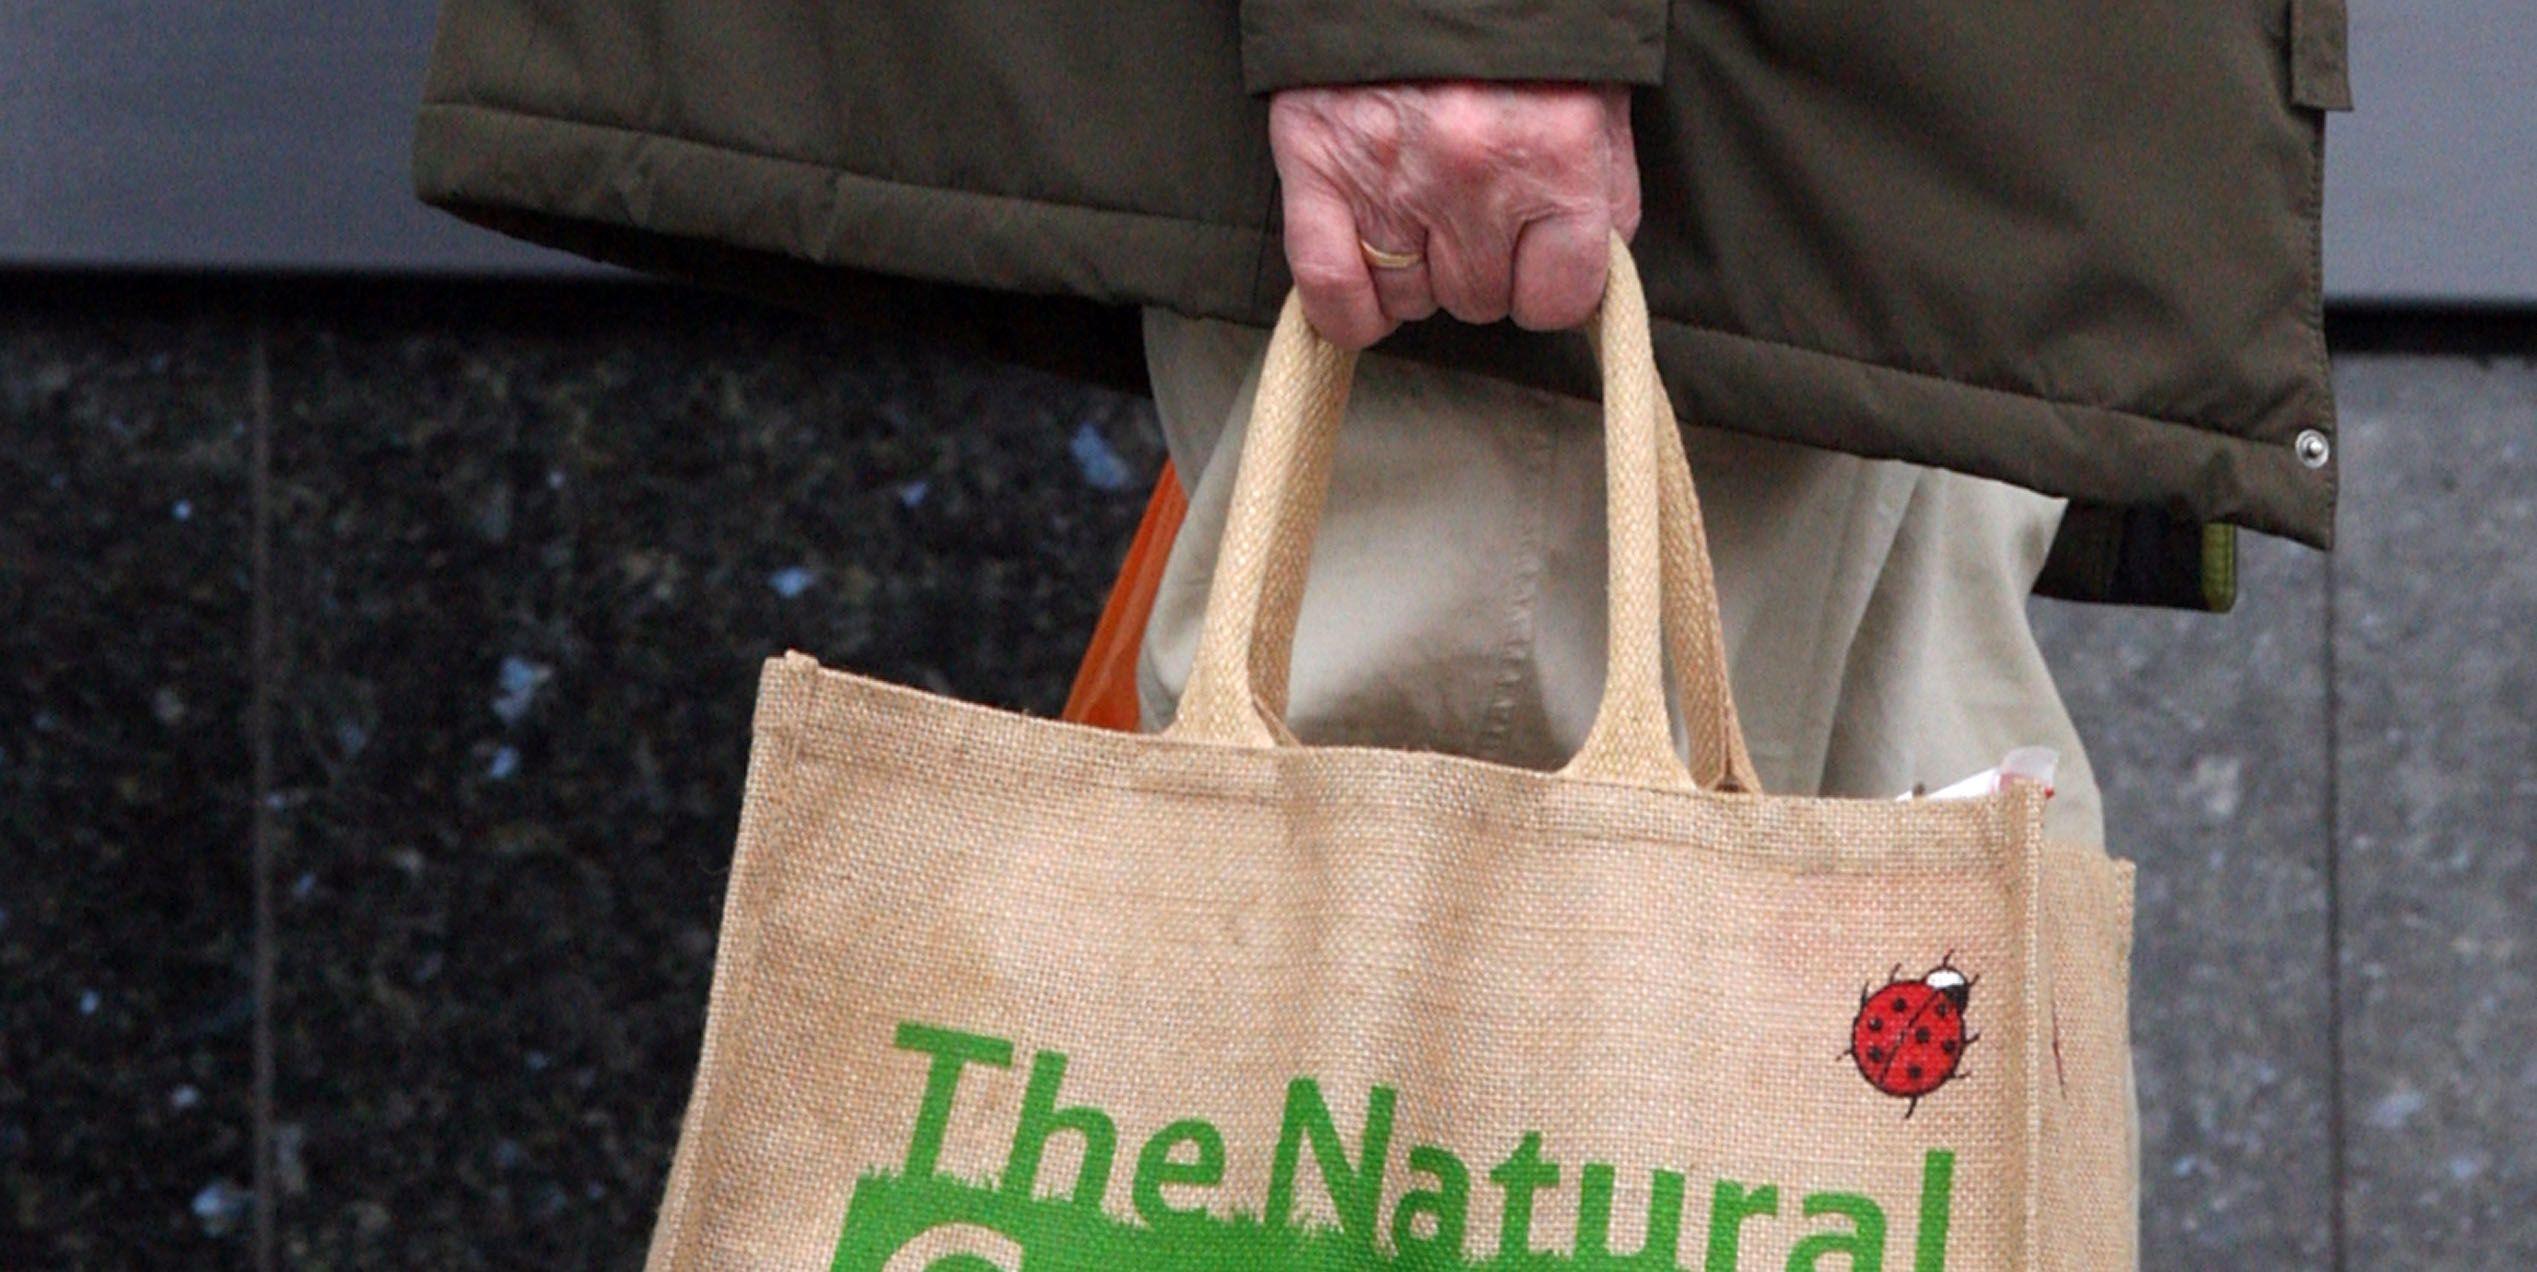 San Francisco Bans Reusable Shopping Bags Amid Coronavirus Fears